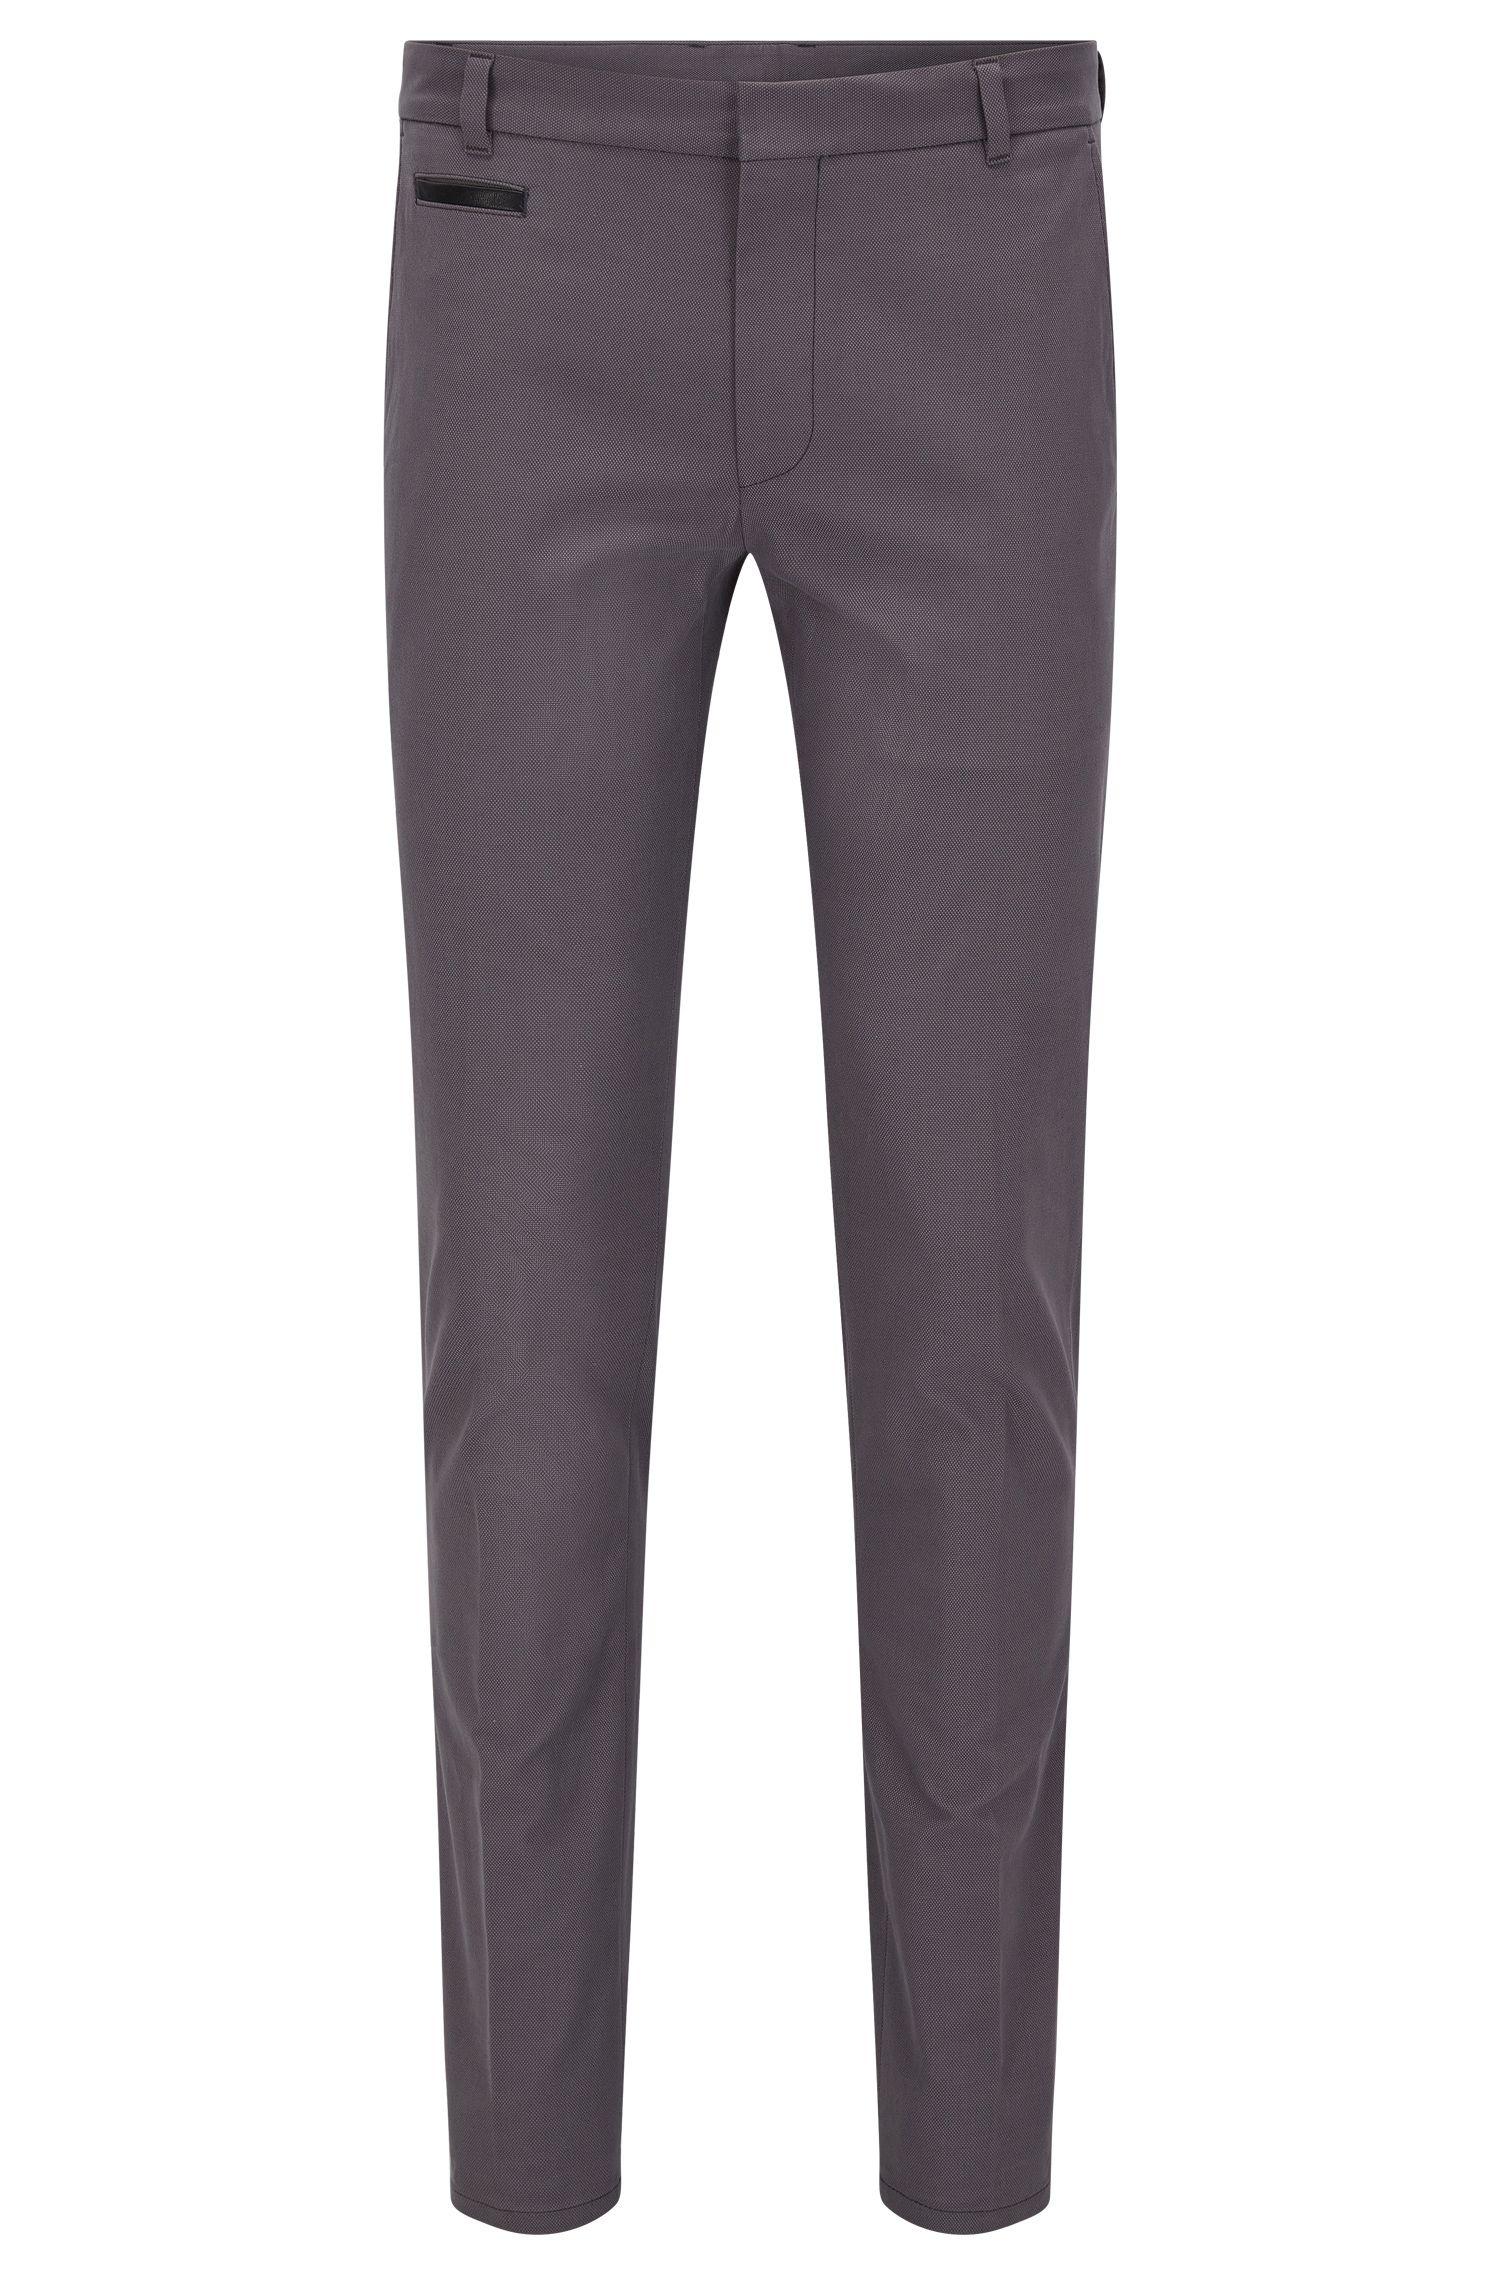 Extra Slim-Fit Hose aus zweifarbigem Baumwoll-Mix